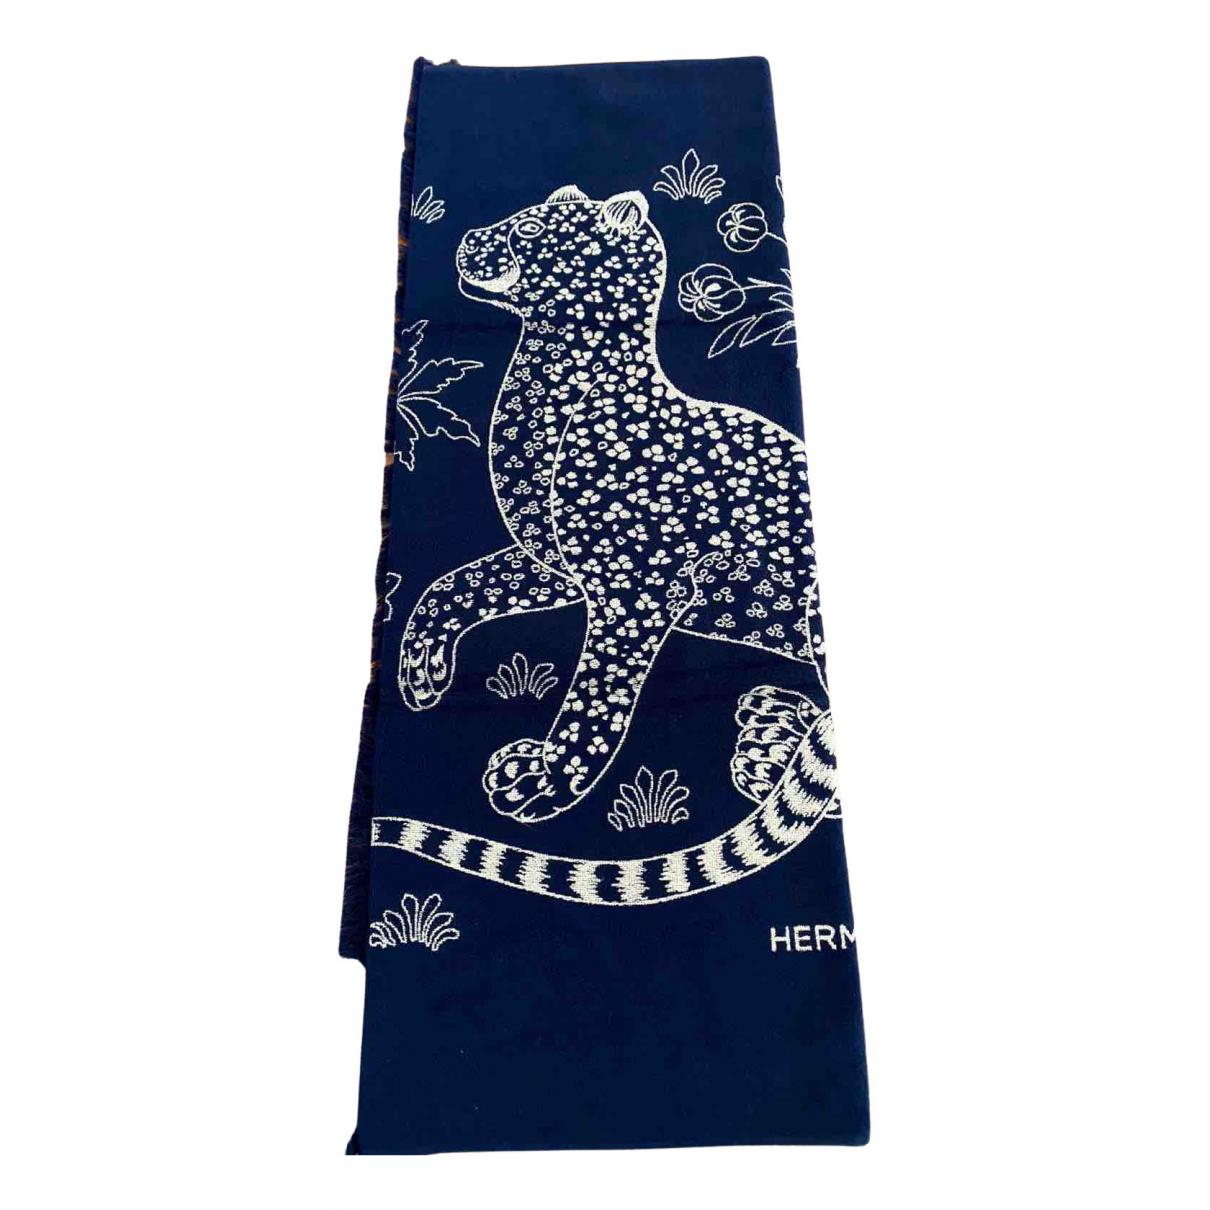 Hermes \N Badeanzug in  Blau Baumwolle